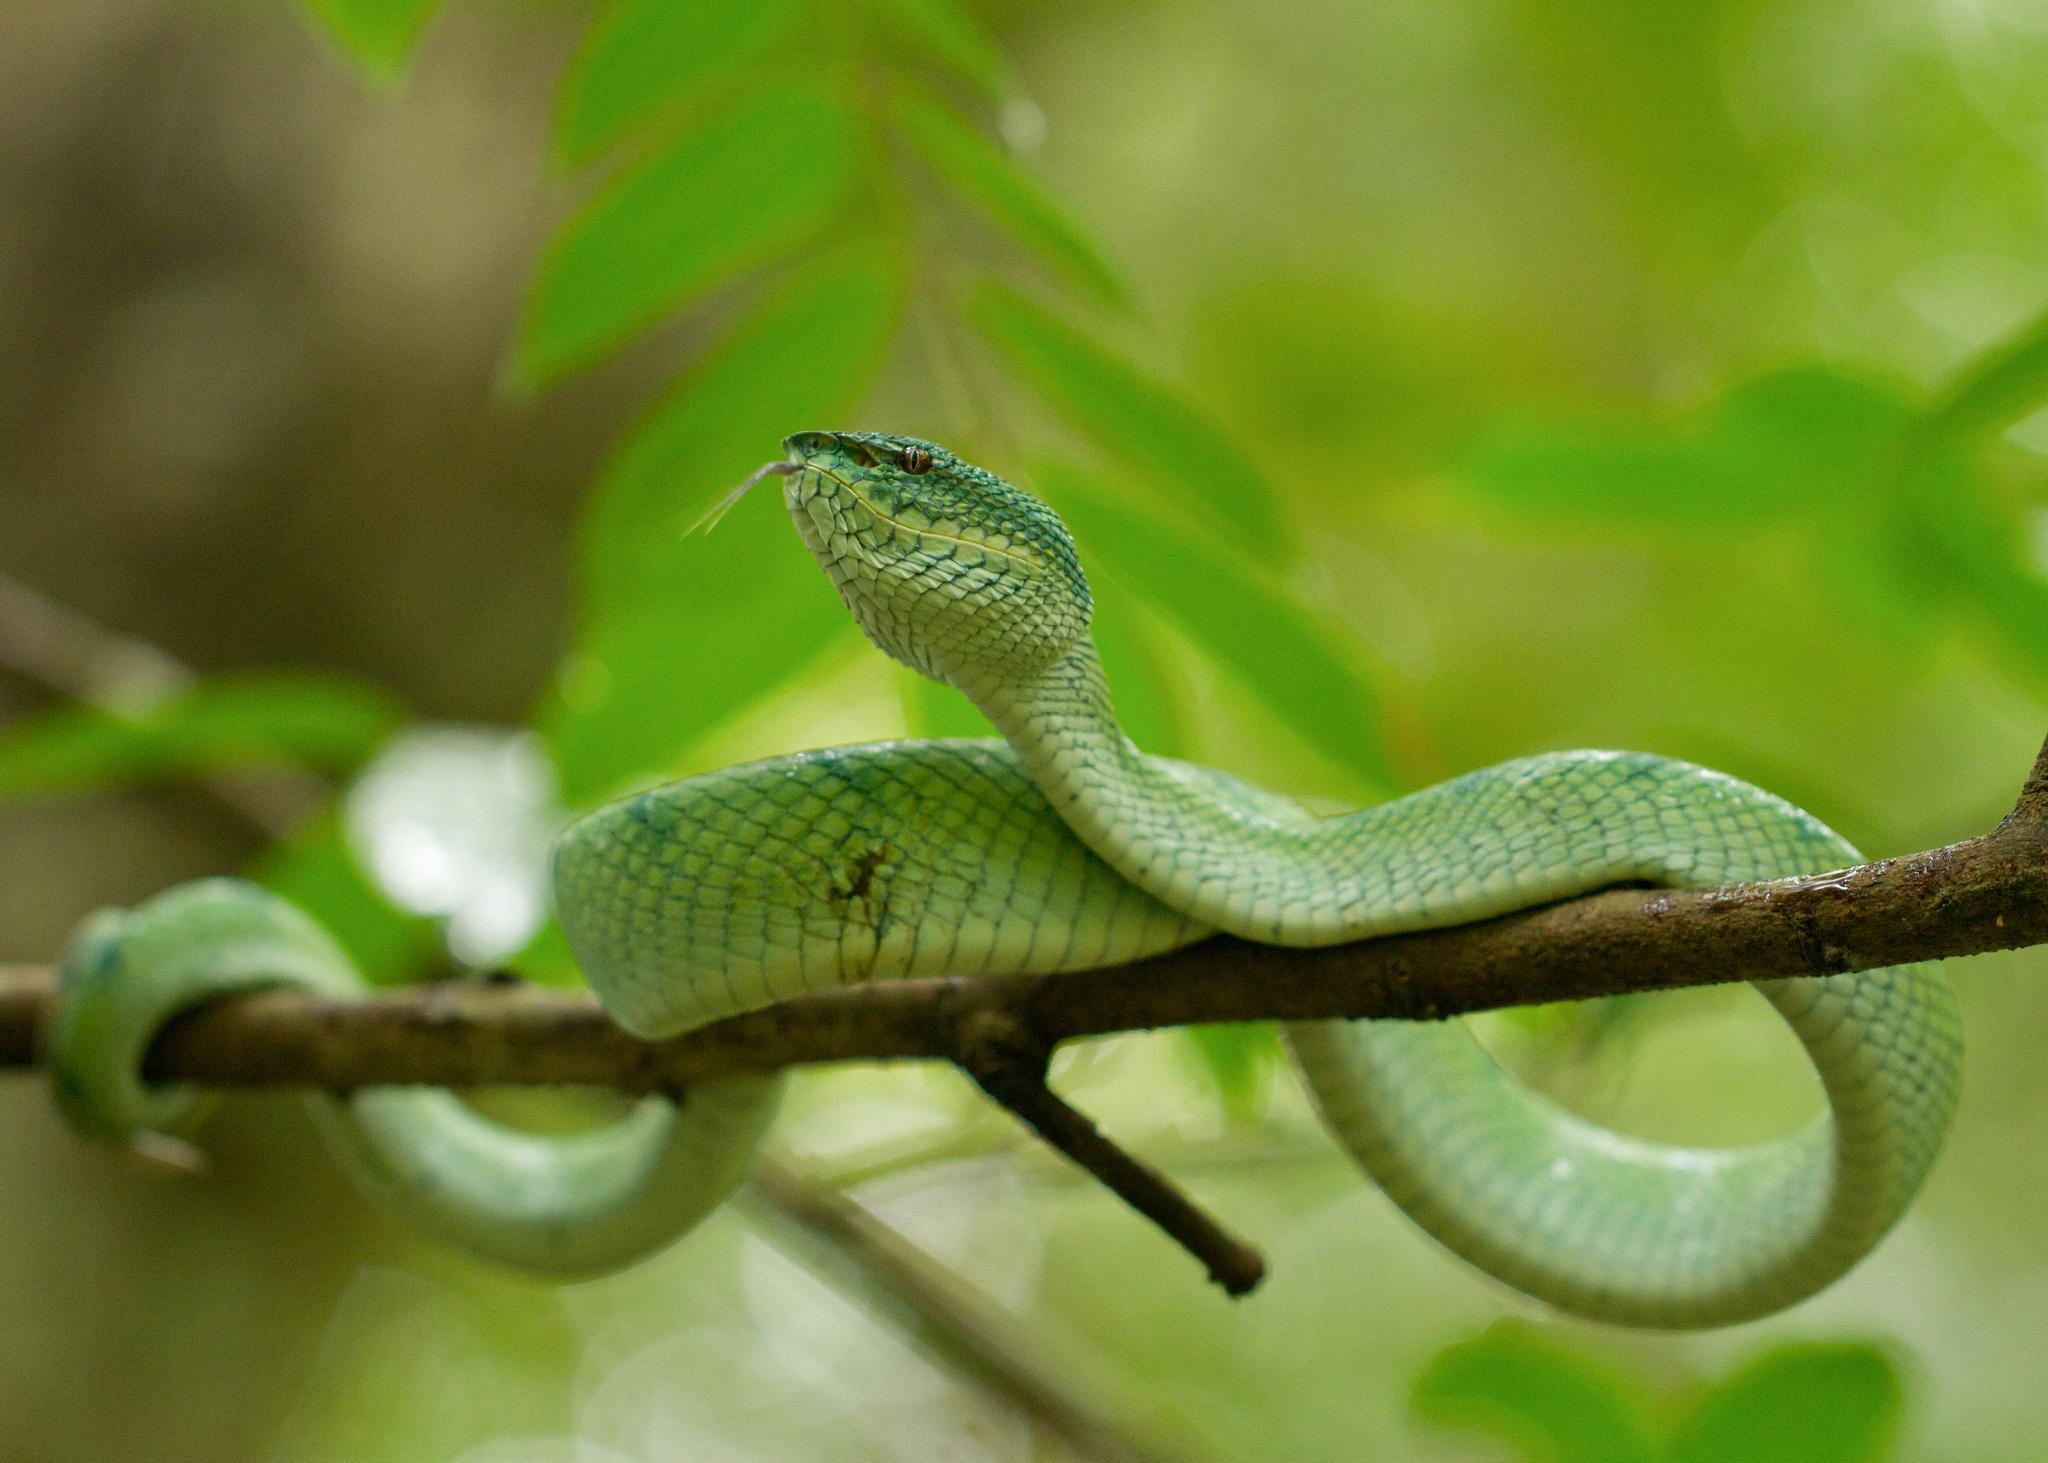 Una serpiente Viper - 2048x1463